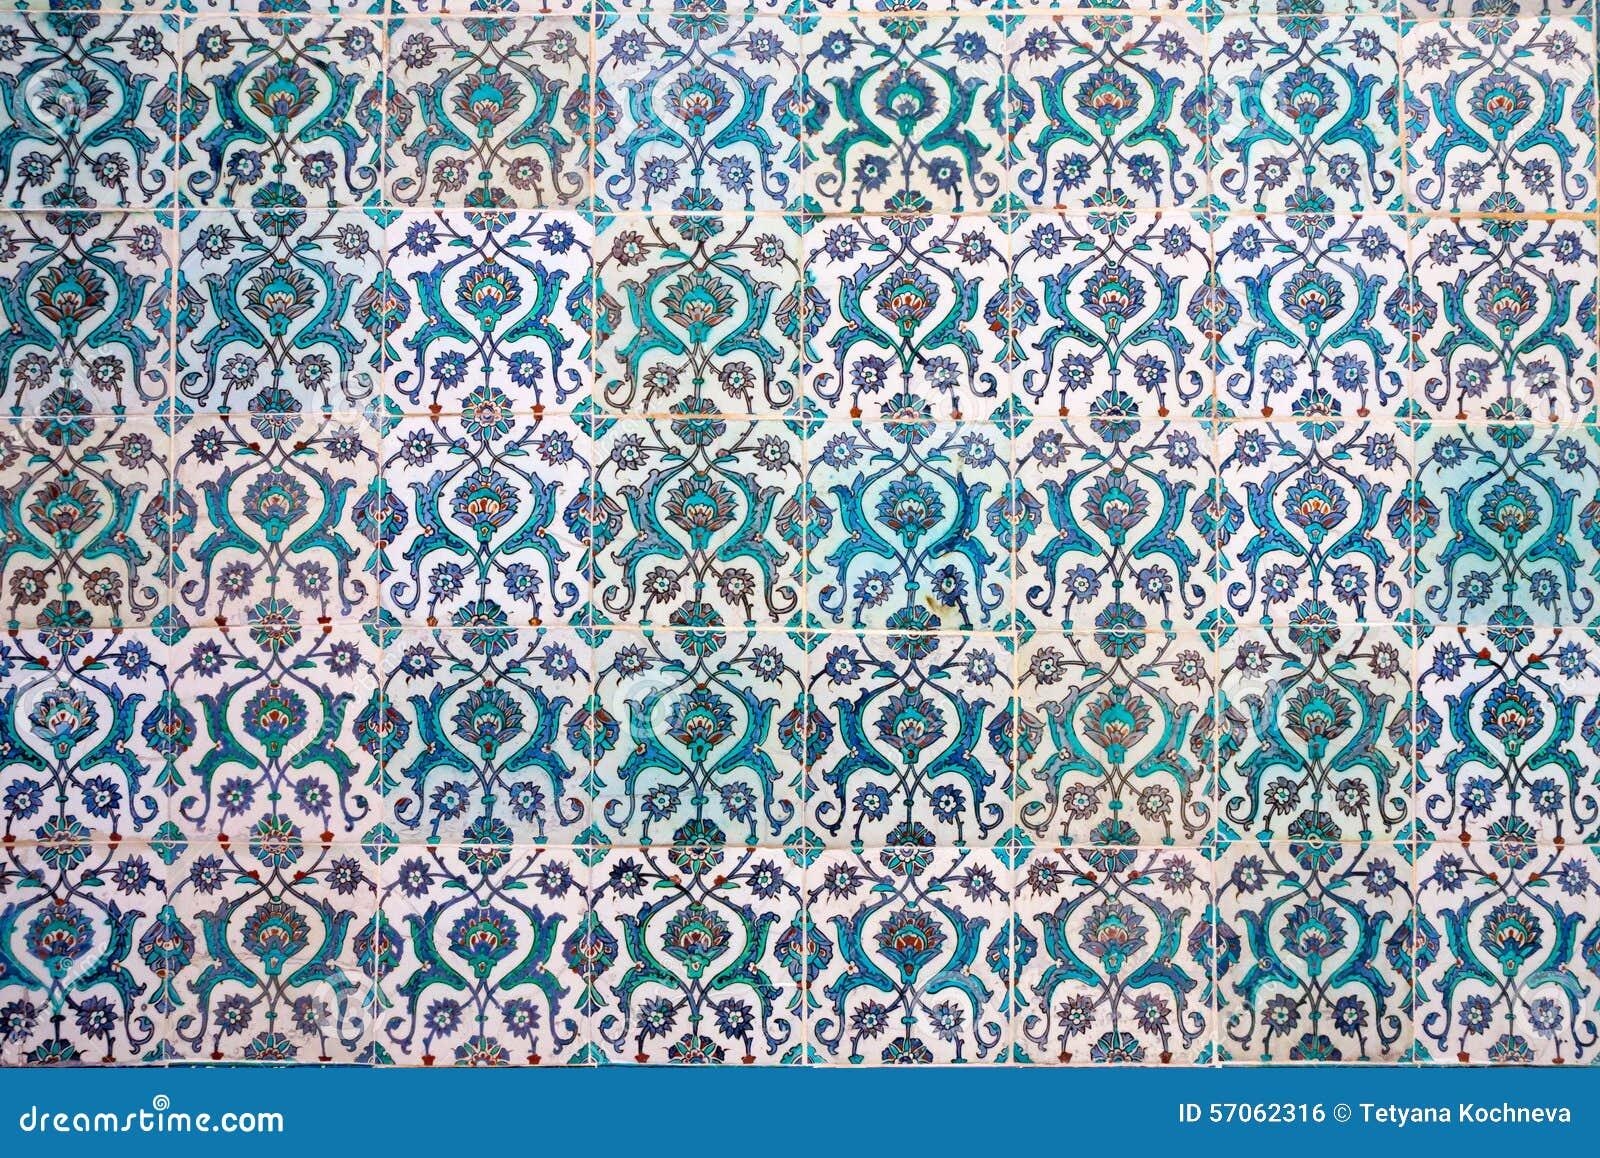 Turkse Keramische tegels